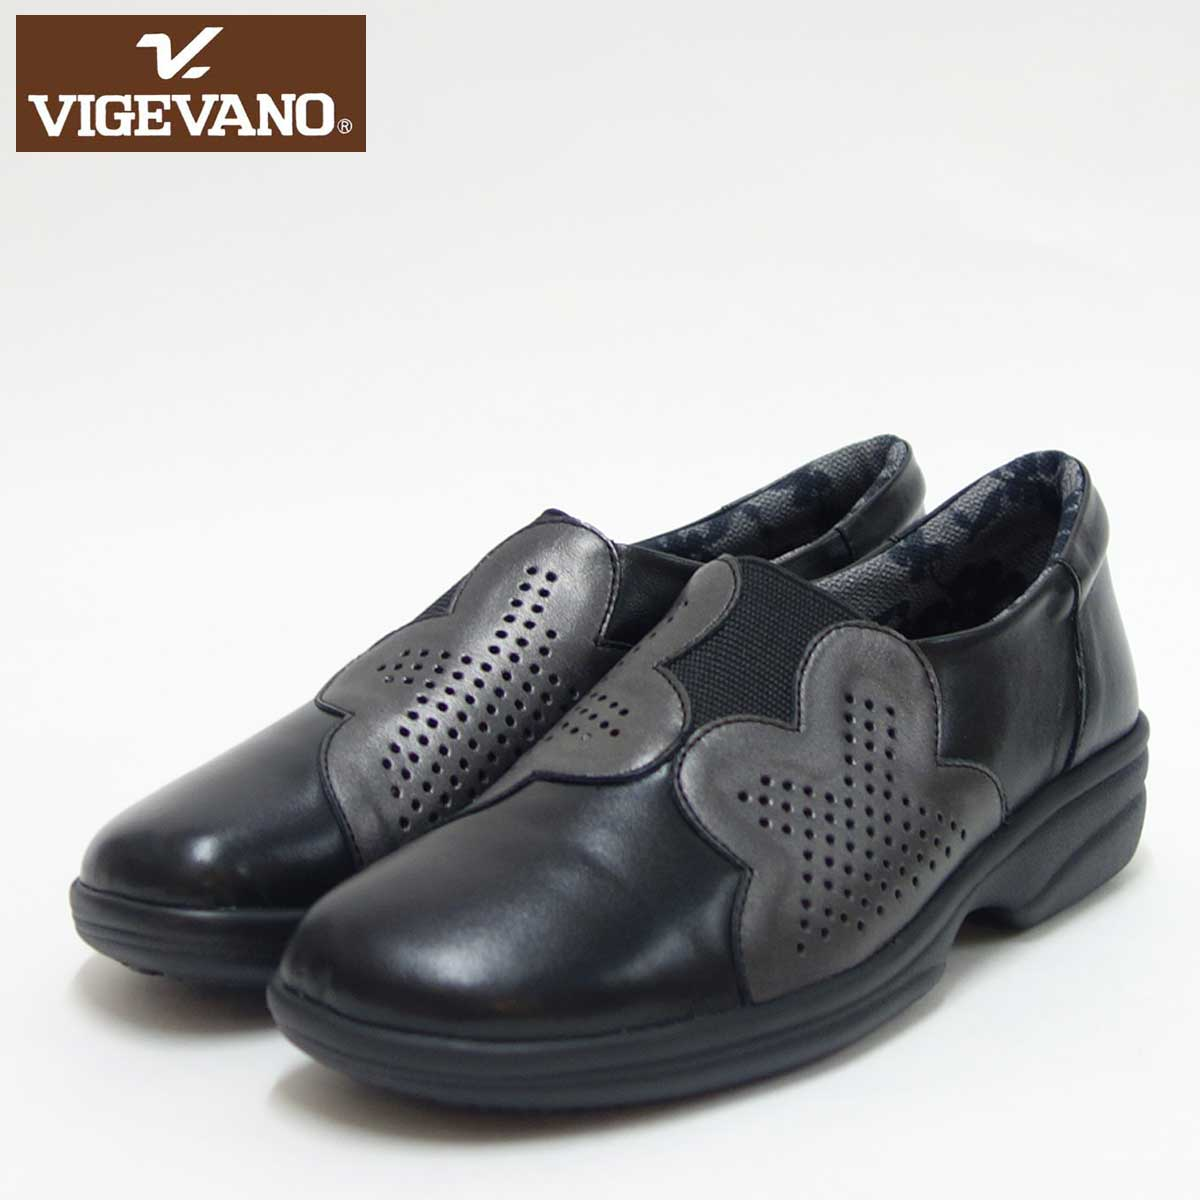 VIGEVANO ビジェバノ 2738 ブラック/メタリック(日本製)ゆったりEEEE スリッポンシューズ上質な天然皮革が優しく包み込みます「靴」